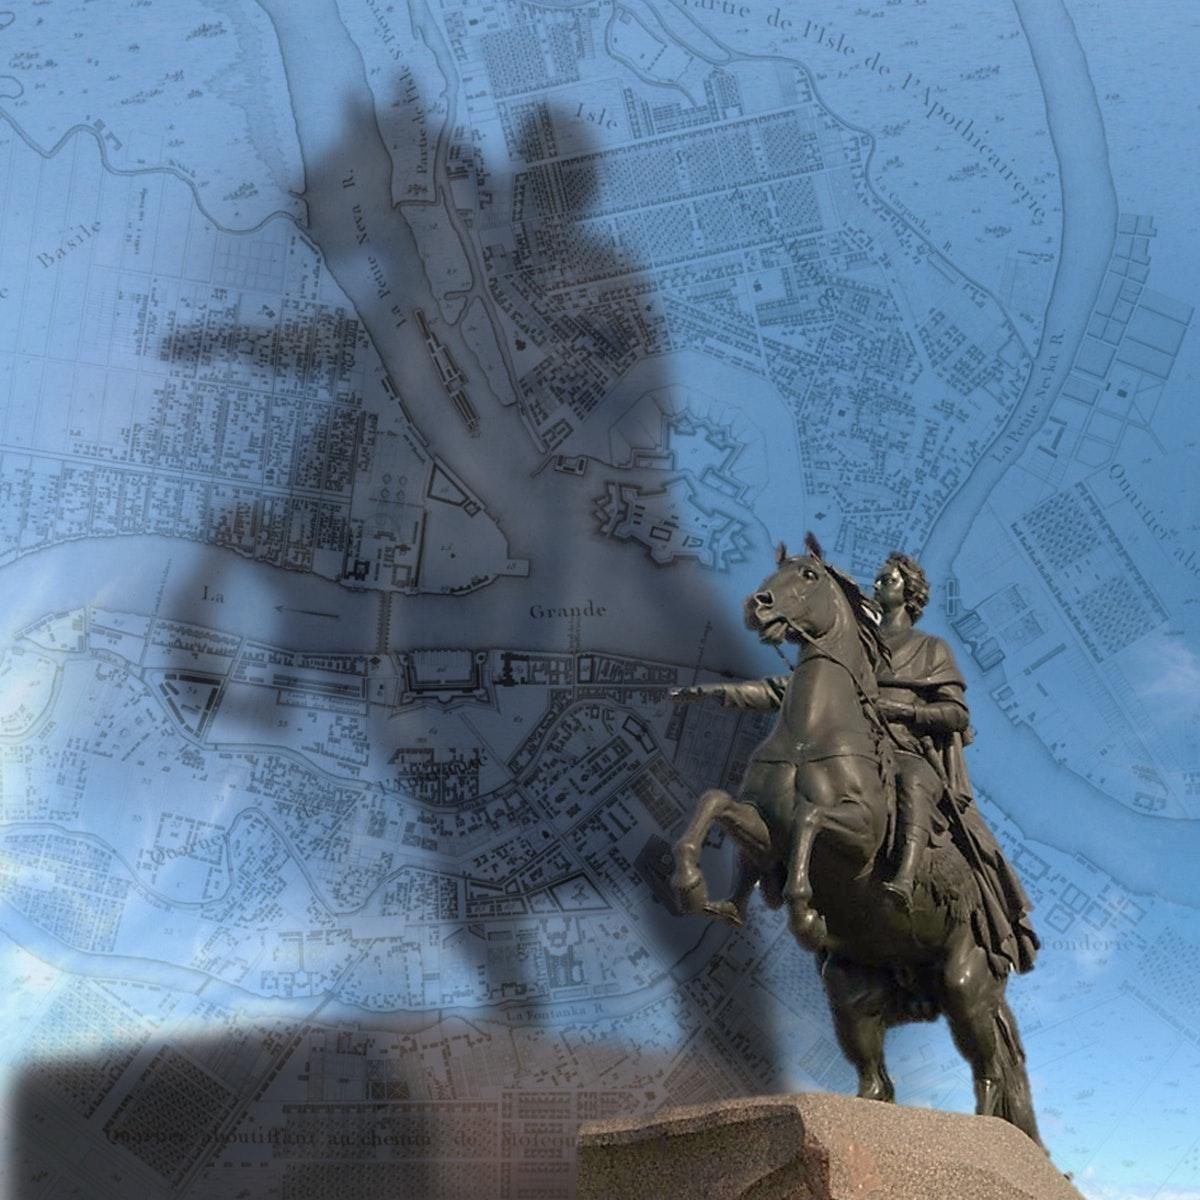 Санкт-Петербург – столица Петра I и его империи